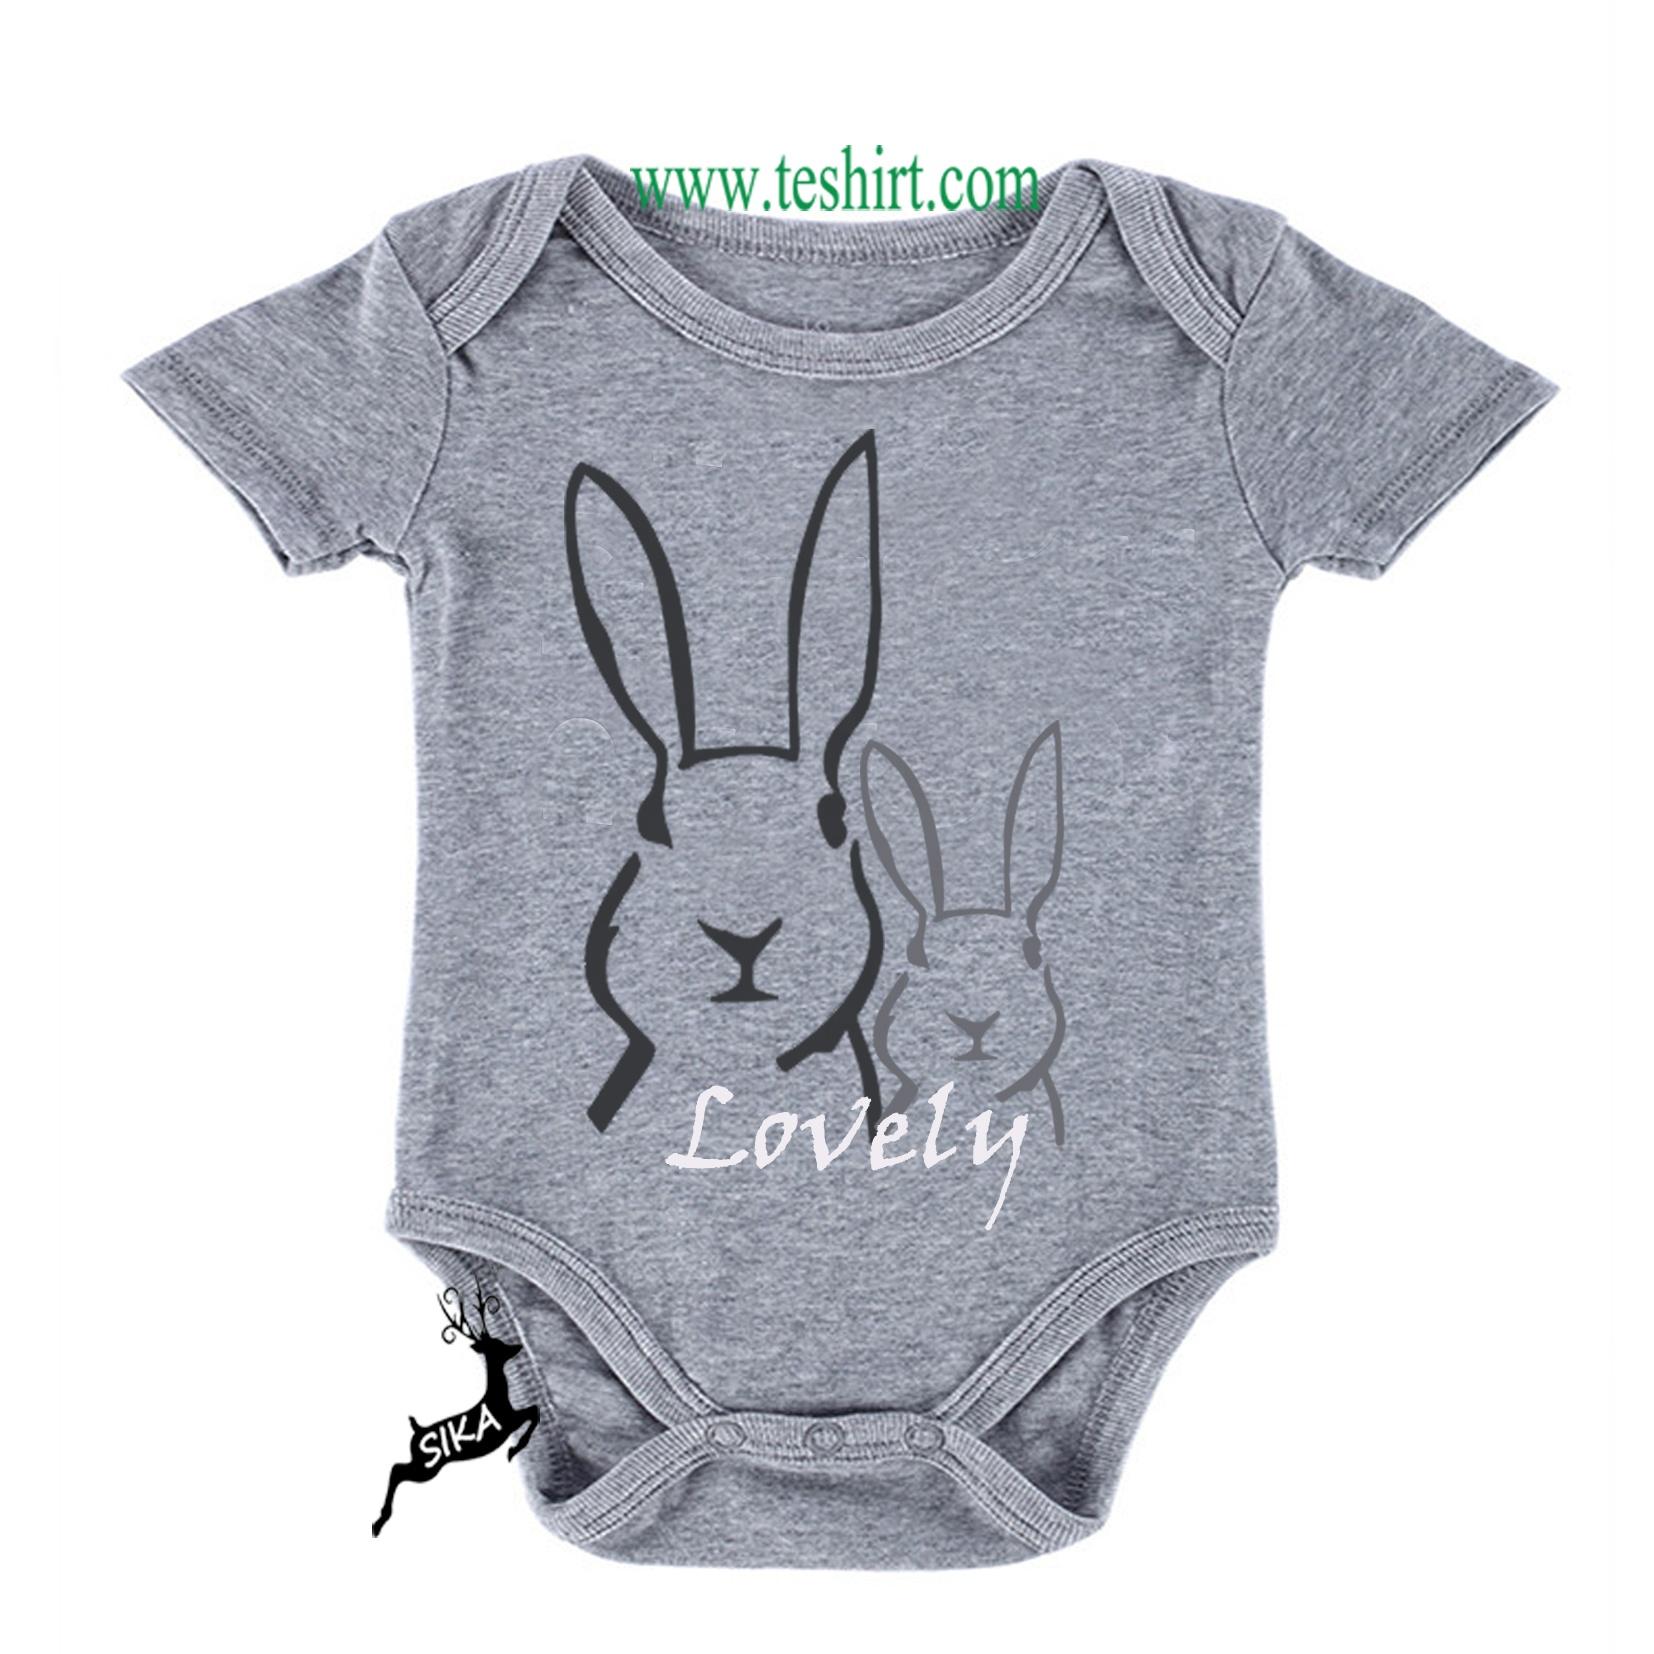 Direkt fabrik Kurzarm Blank Babyspielanzug Onesie 2019 baby kleidung winter gestrickte pullover strampler kleinkind baby mädchen romper